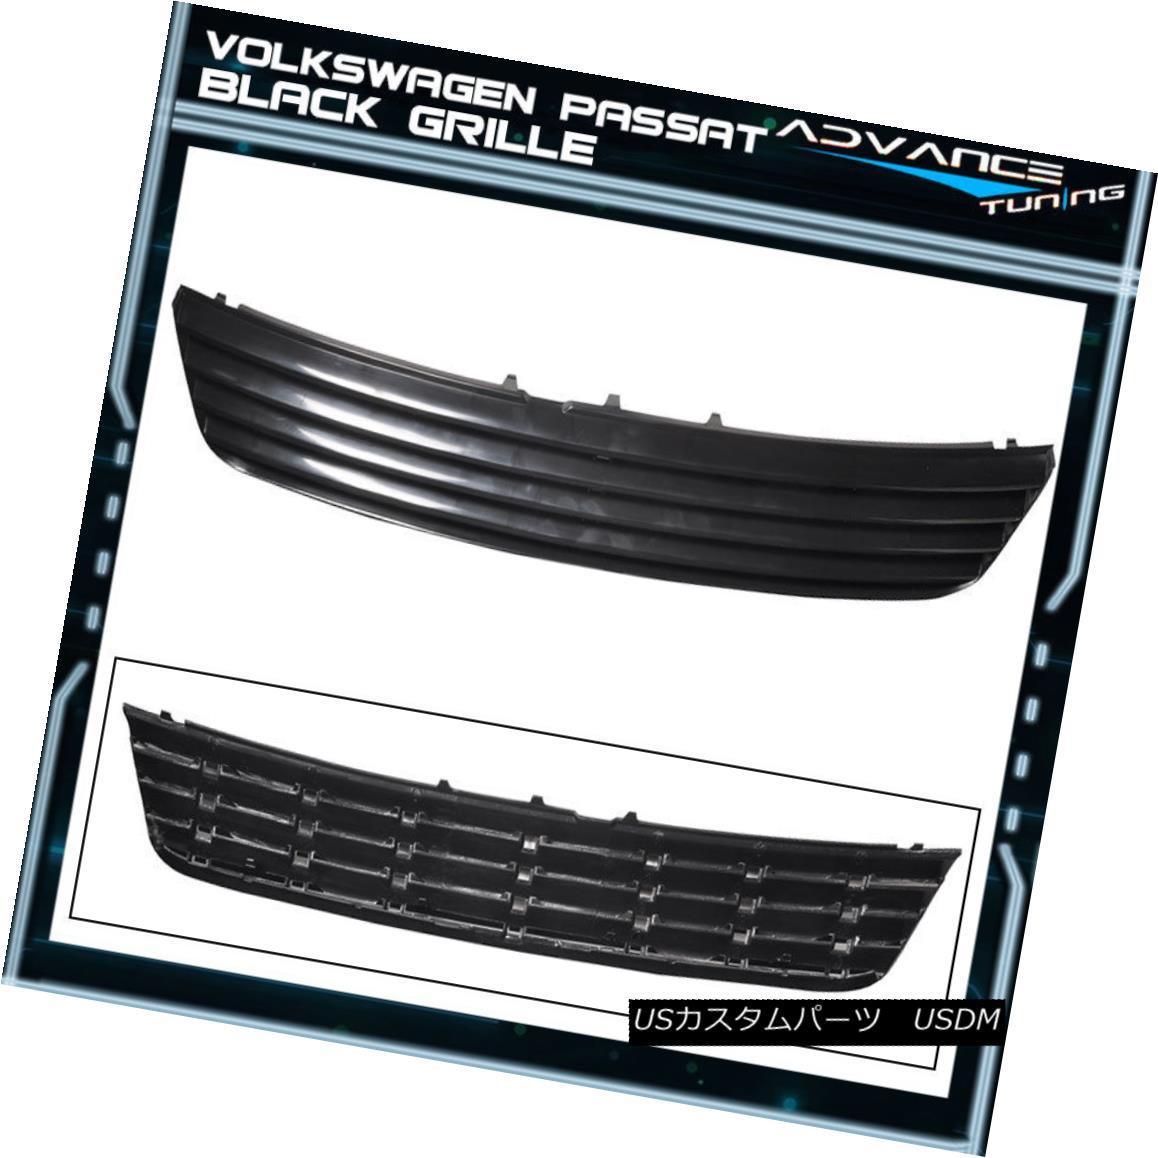 グリル For 97-00 Volkswagen Passat Mesh Sport Grille Grill Brand New - Black 97-00フォルクスワーゲンパサートメッシュスポーツグリルグリルブランニュー - ブラック